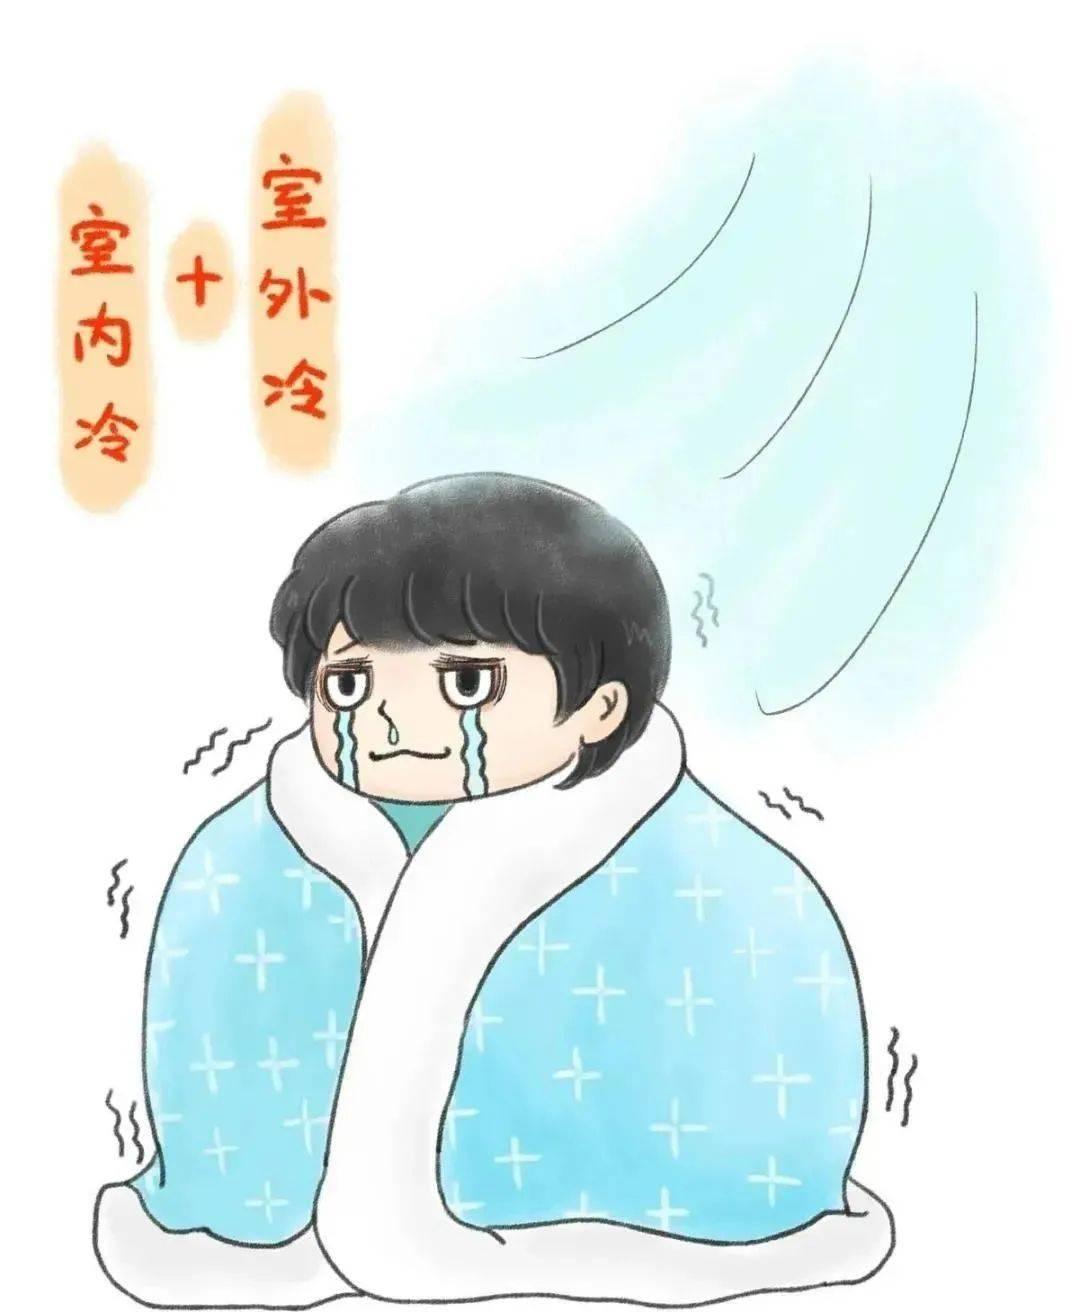 刚刚,台州发布寒潮预警!下周将迎今冬最冷